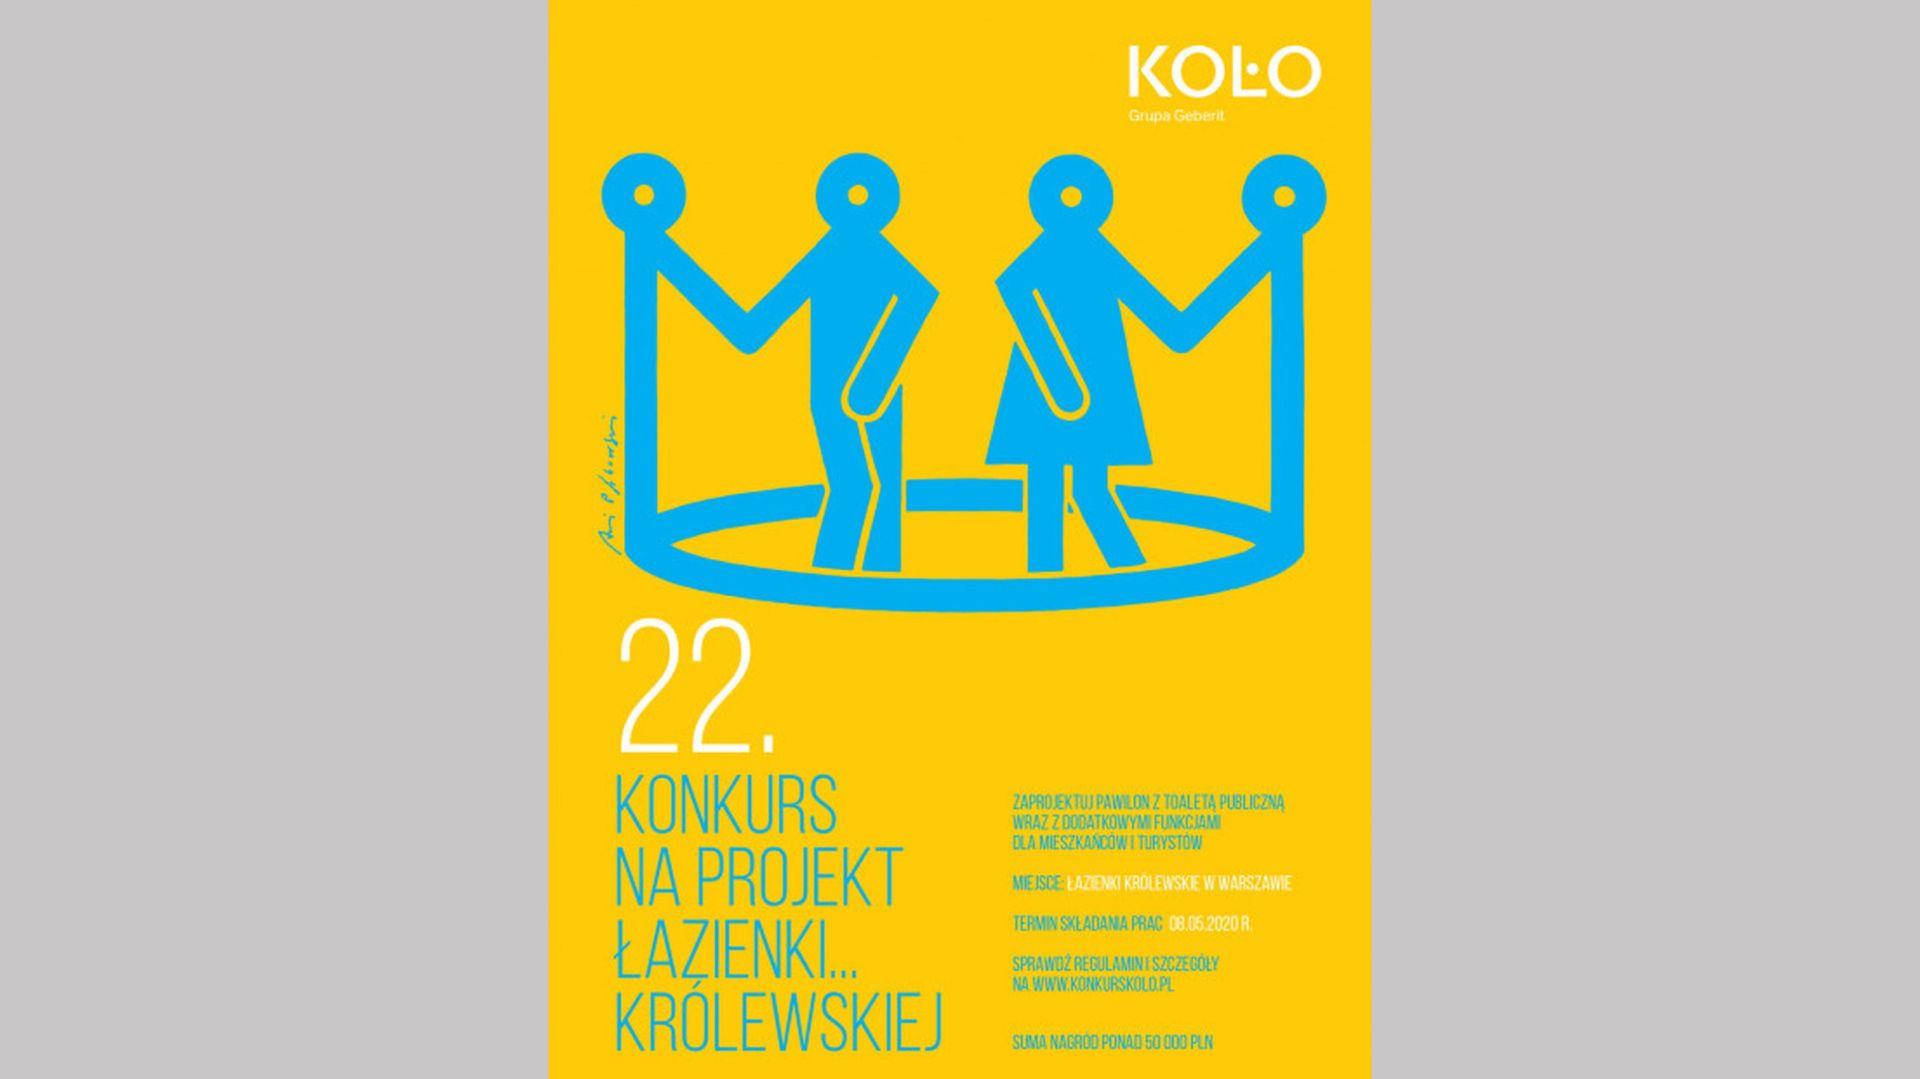 Wystartował 22. Konkurs KOŁO. Grafiki konkursowe zaprojektował znany artysta Andrzej Pągowski